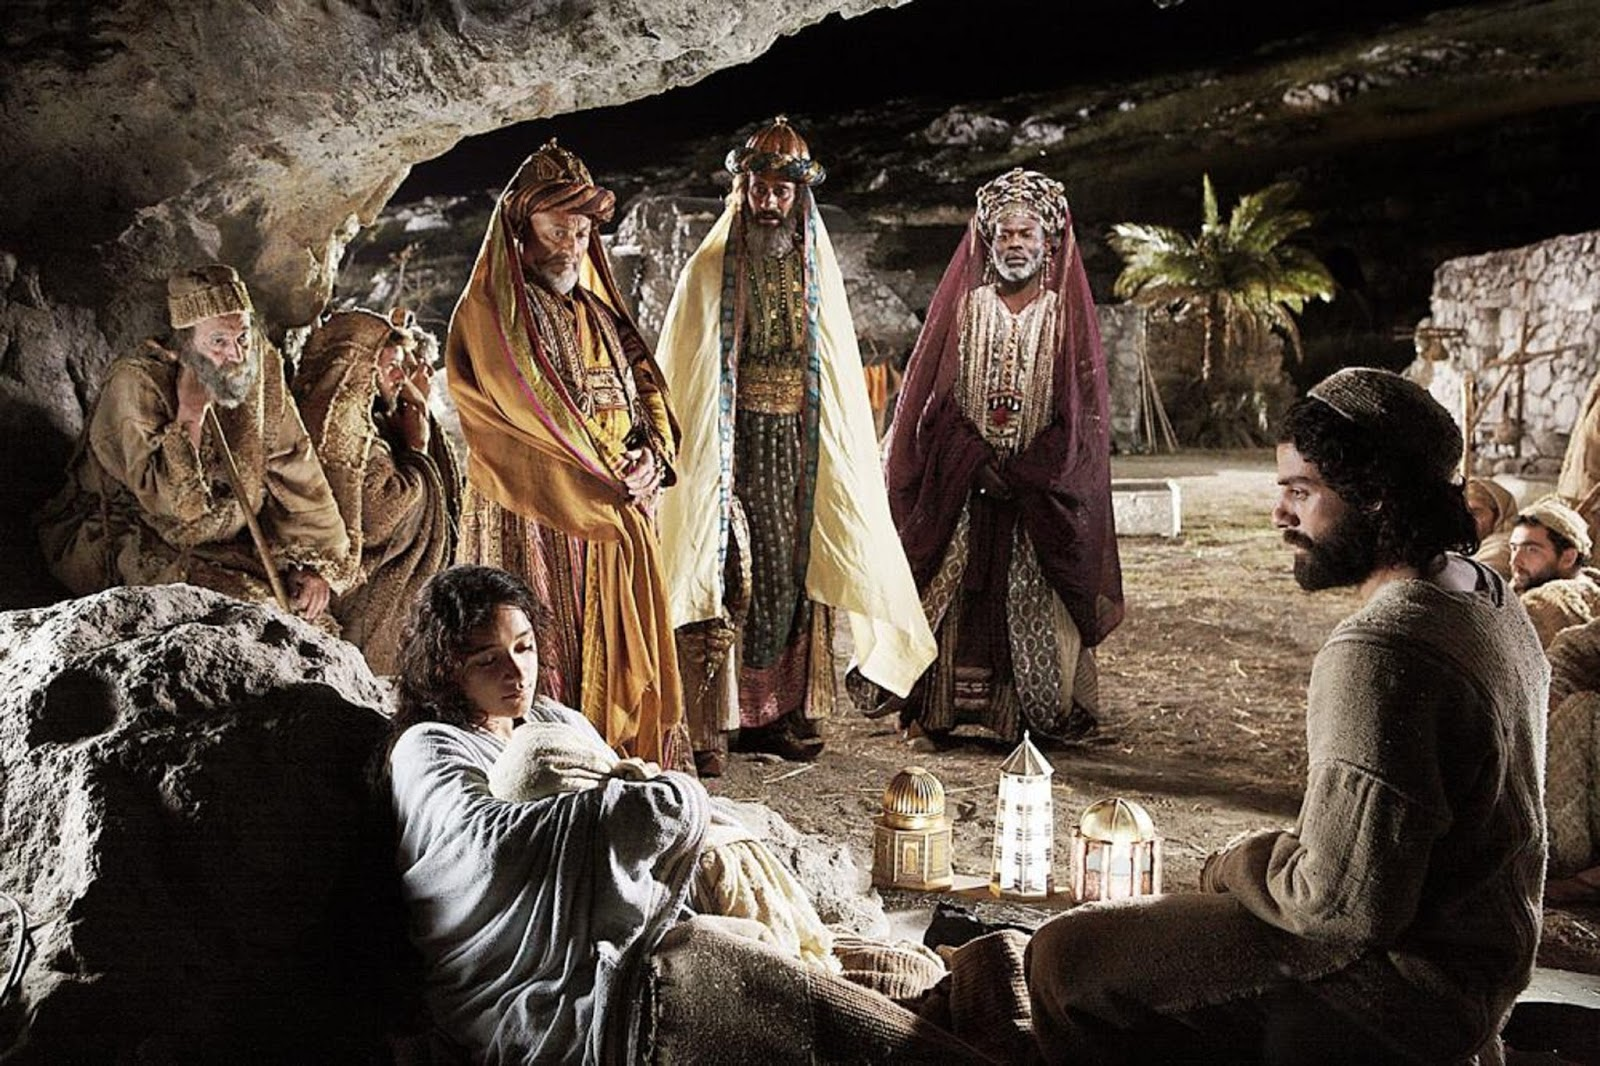 ¿Quienes eran los Reyes Magos? 1